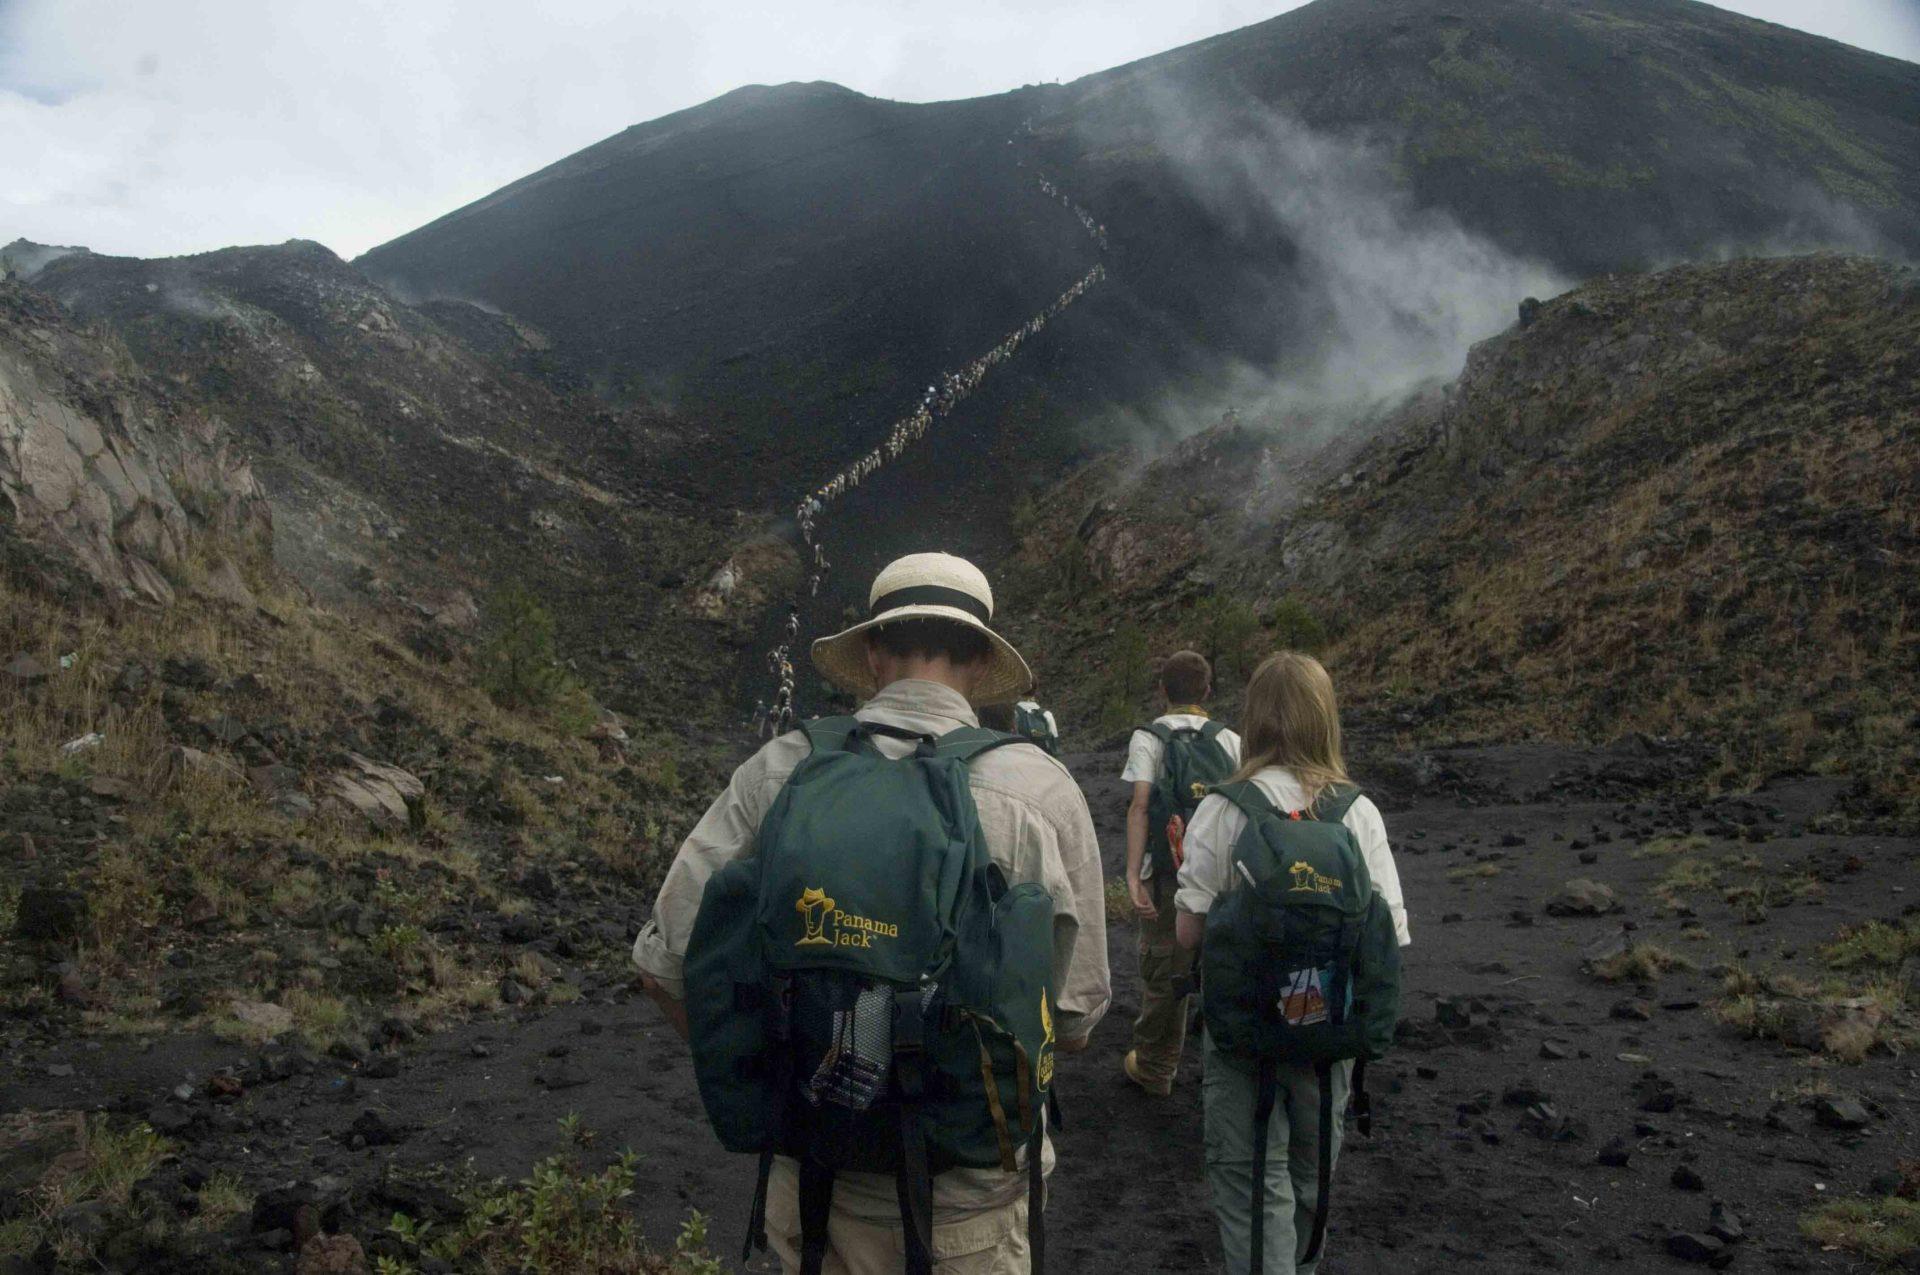 Fotografía: Expedición 2007: La Huella de la Nao de la China en México (volcán Paricutín, México)